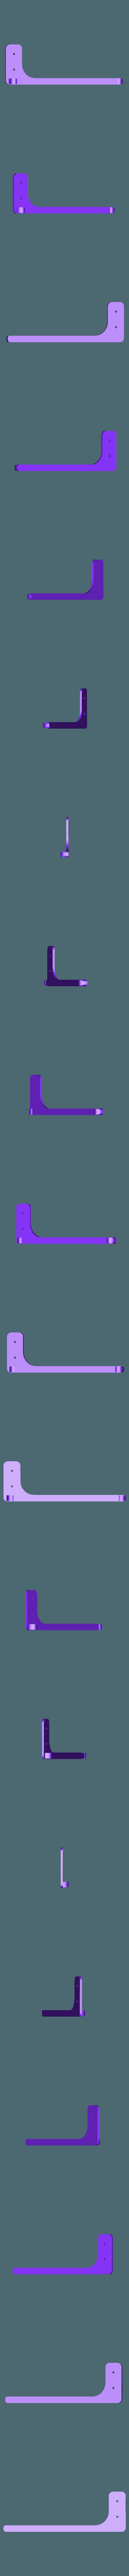 attache_cables.stl Télécharger fichier STL gratuit attache cables cr-10 • Design à imprimer en 3D, Cyborg